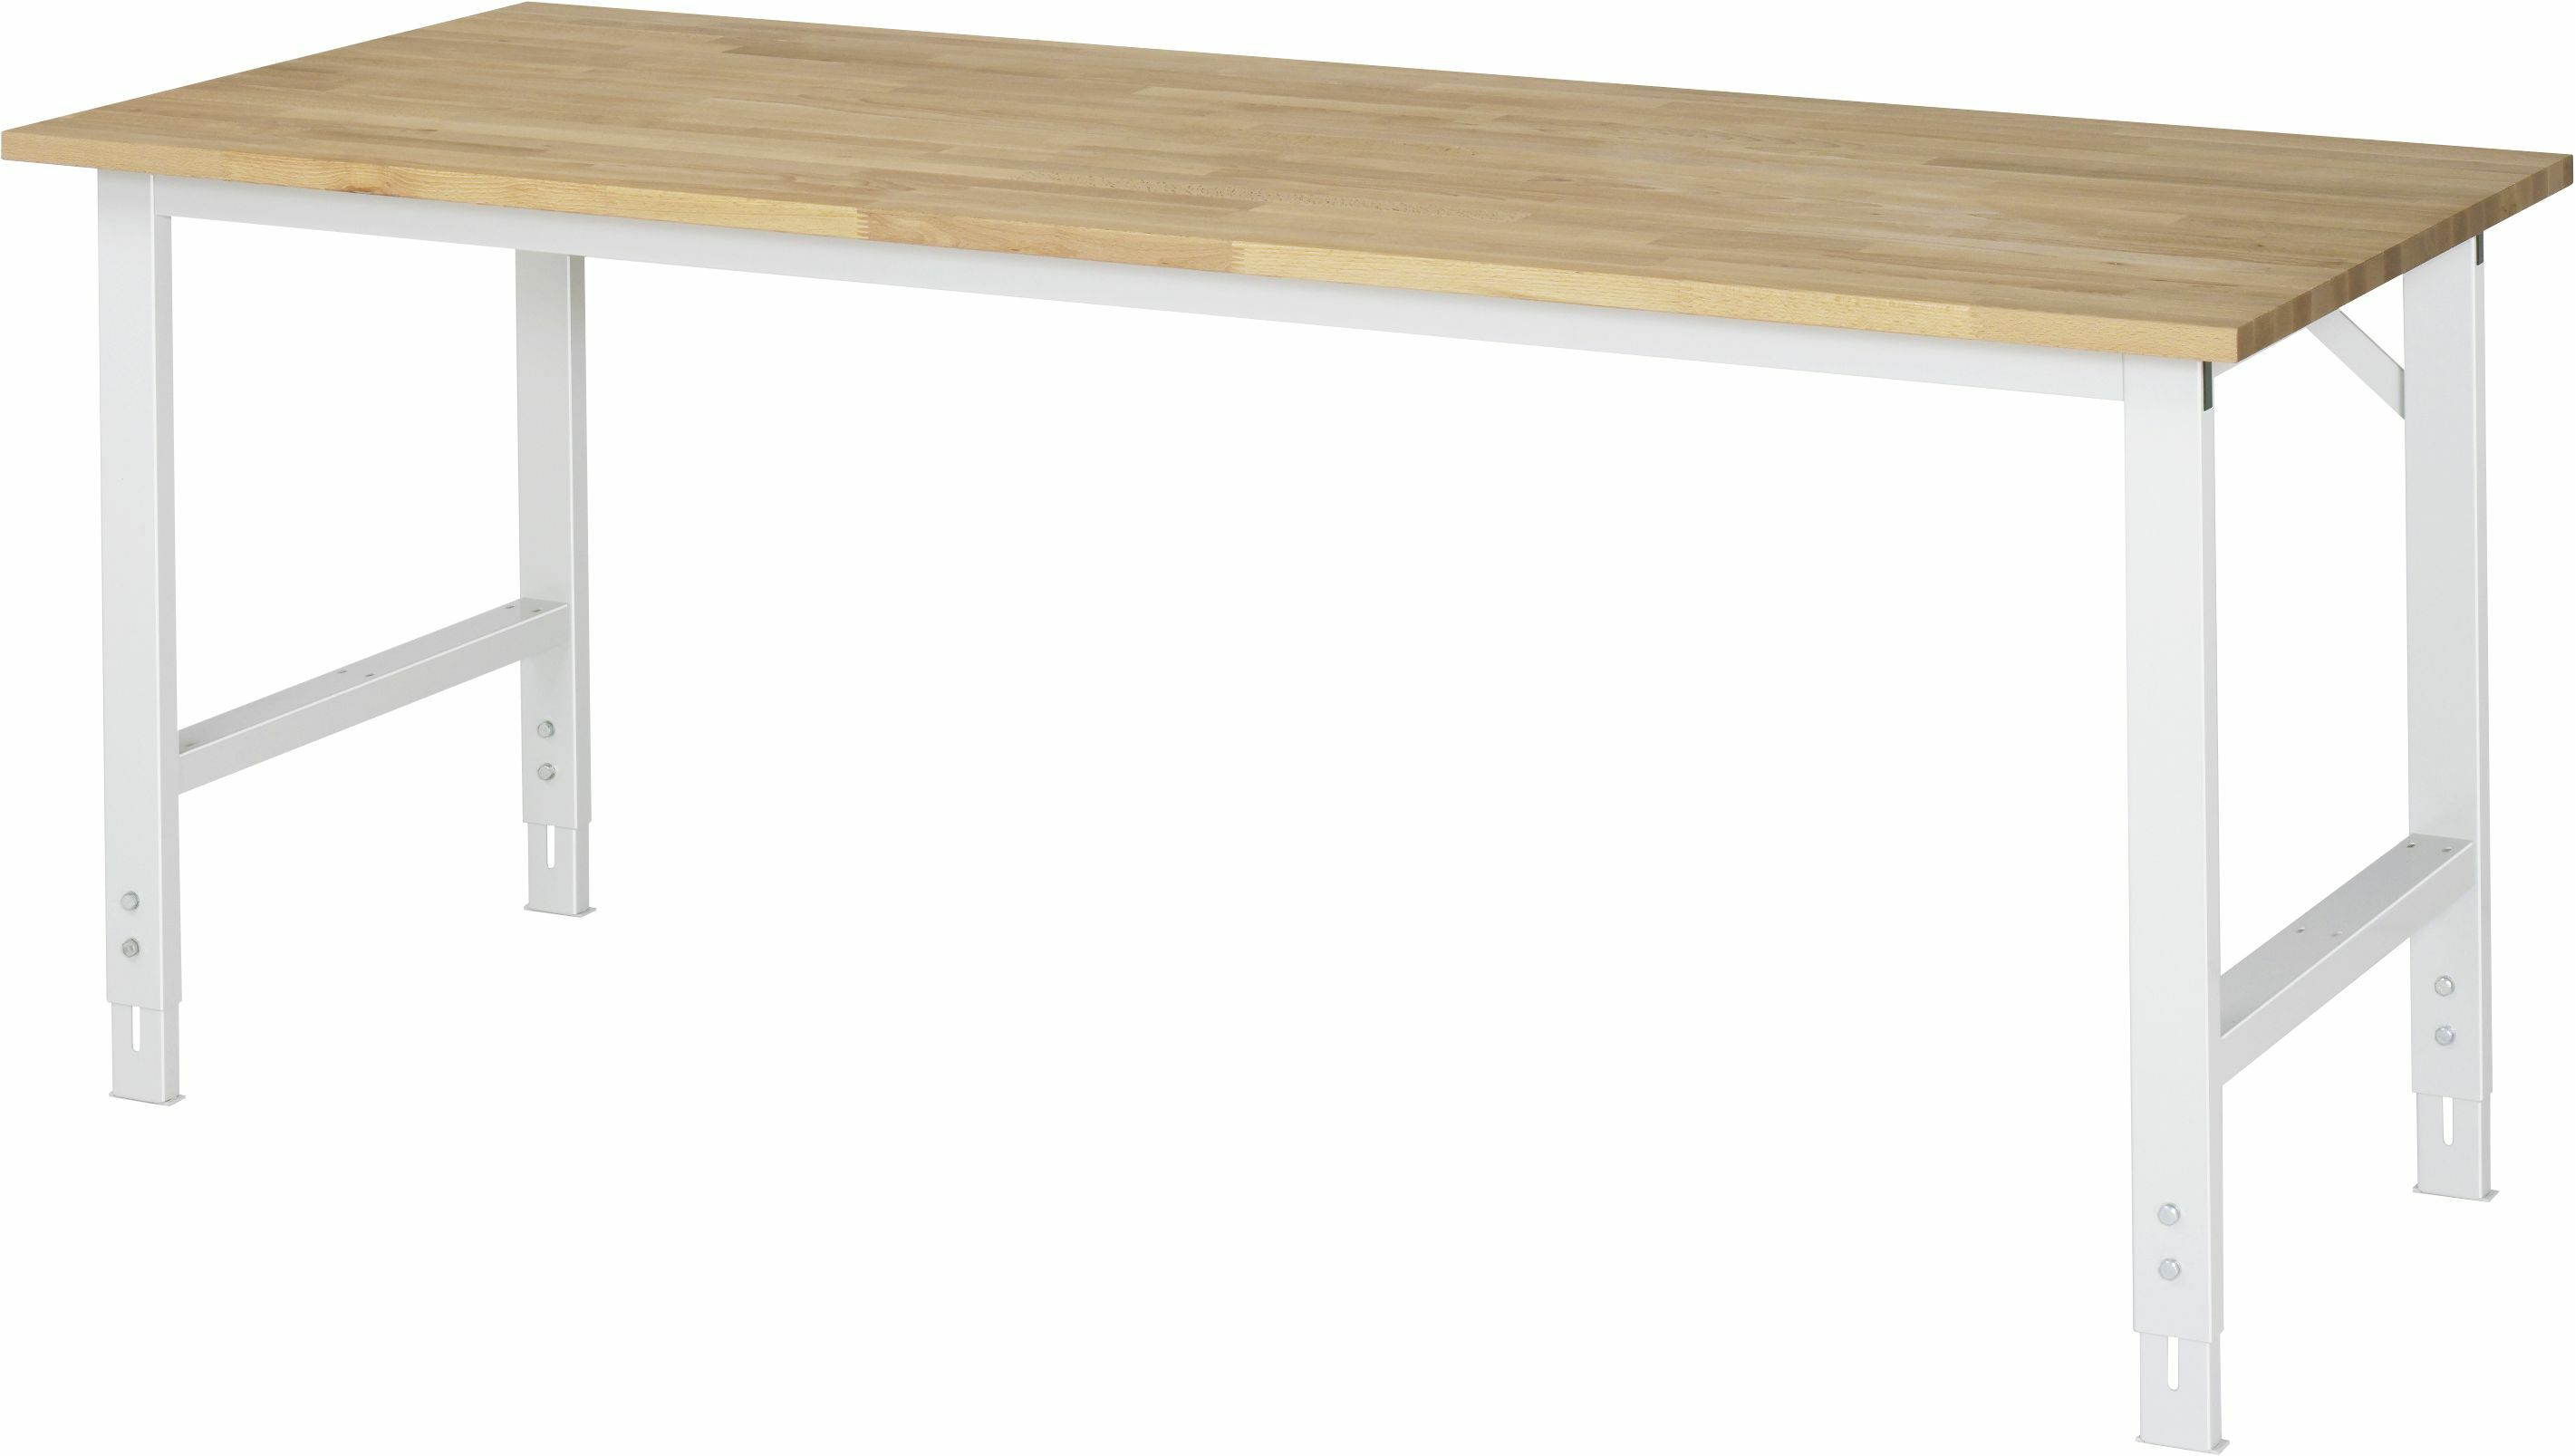 arbeitstisch buche massiv 2000 x 800 mm online kaufen padberg palatec shop. Black Bedroom Furniture Sets. Home Design Ideas